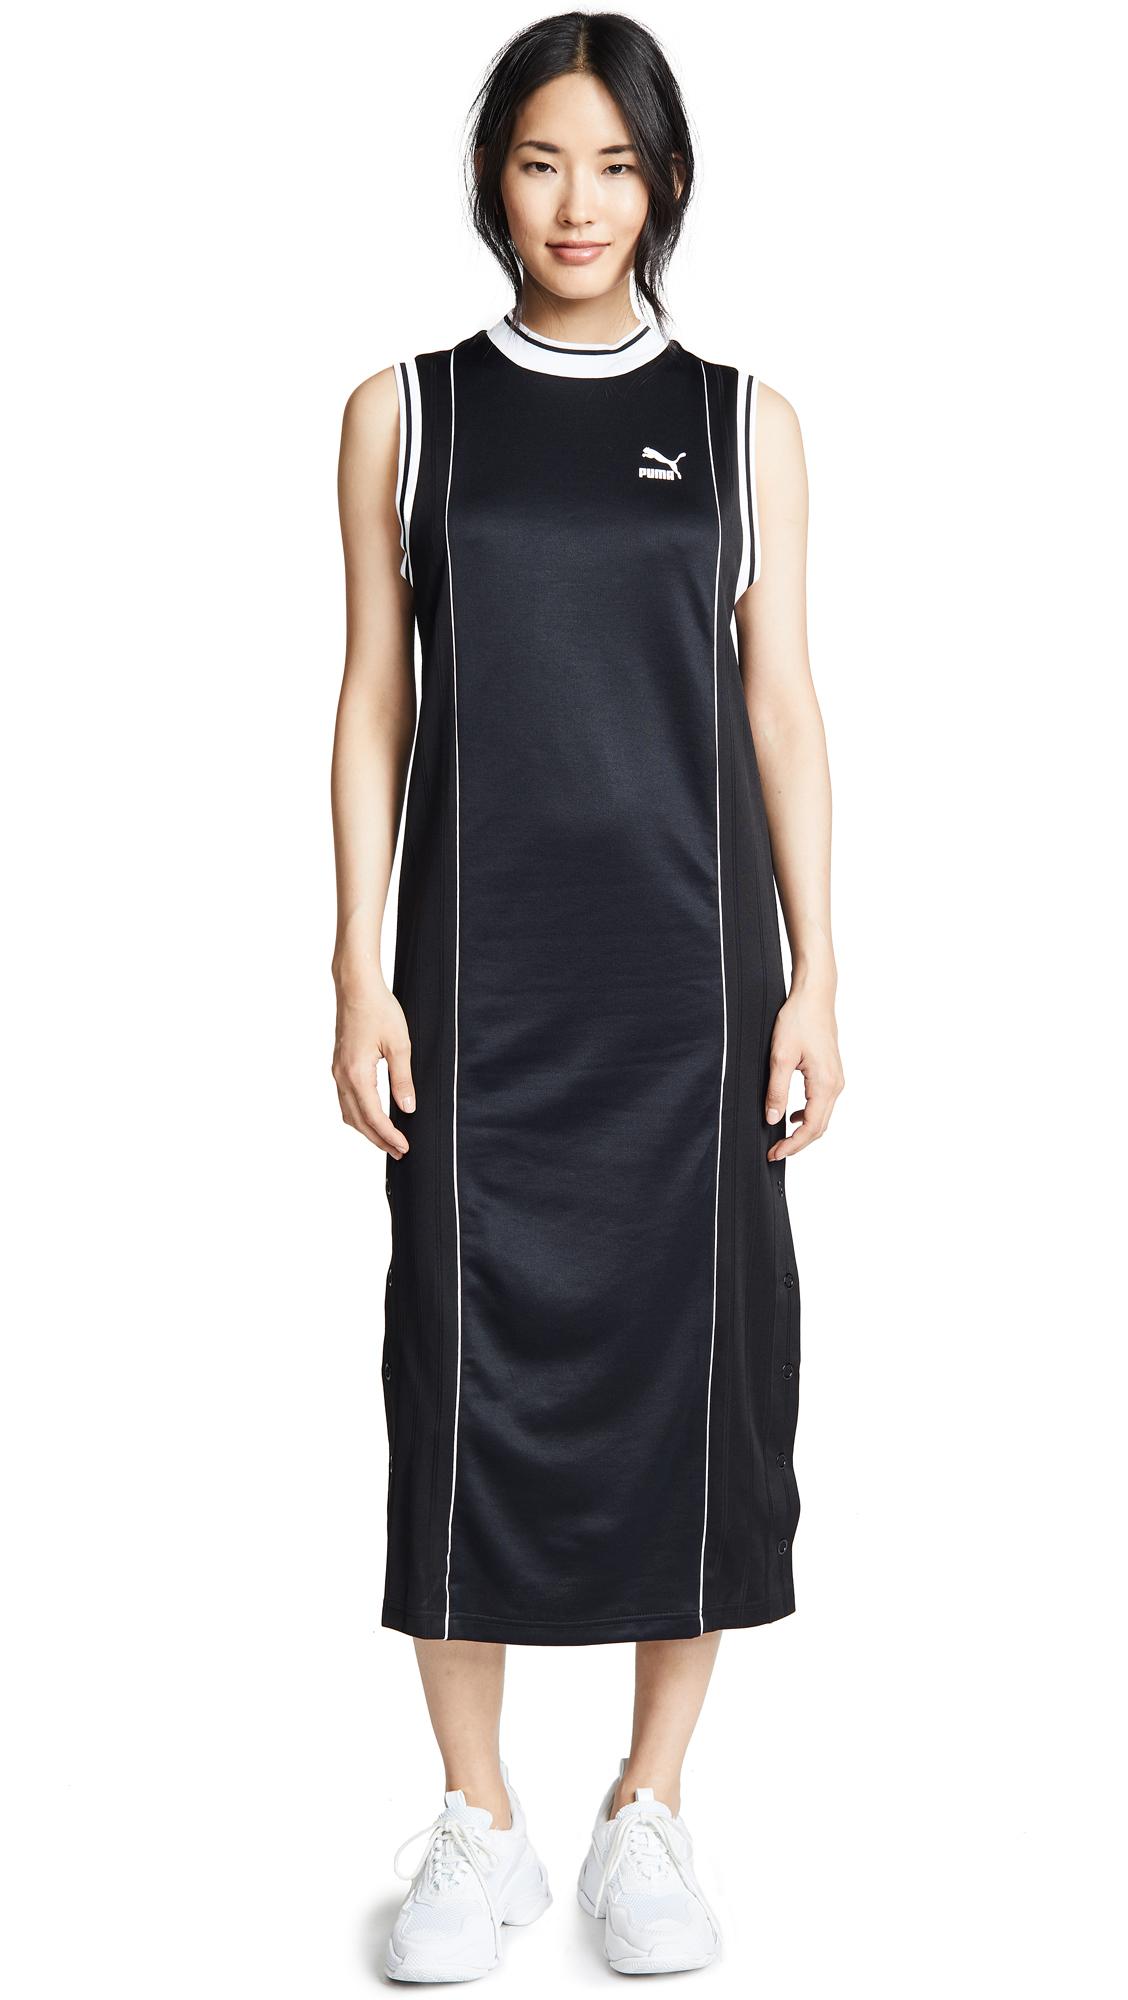 PUMA x New Skool Retro Dress